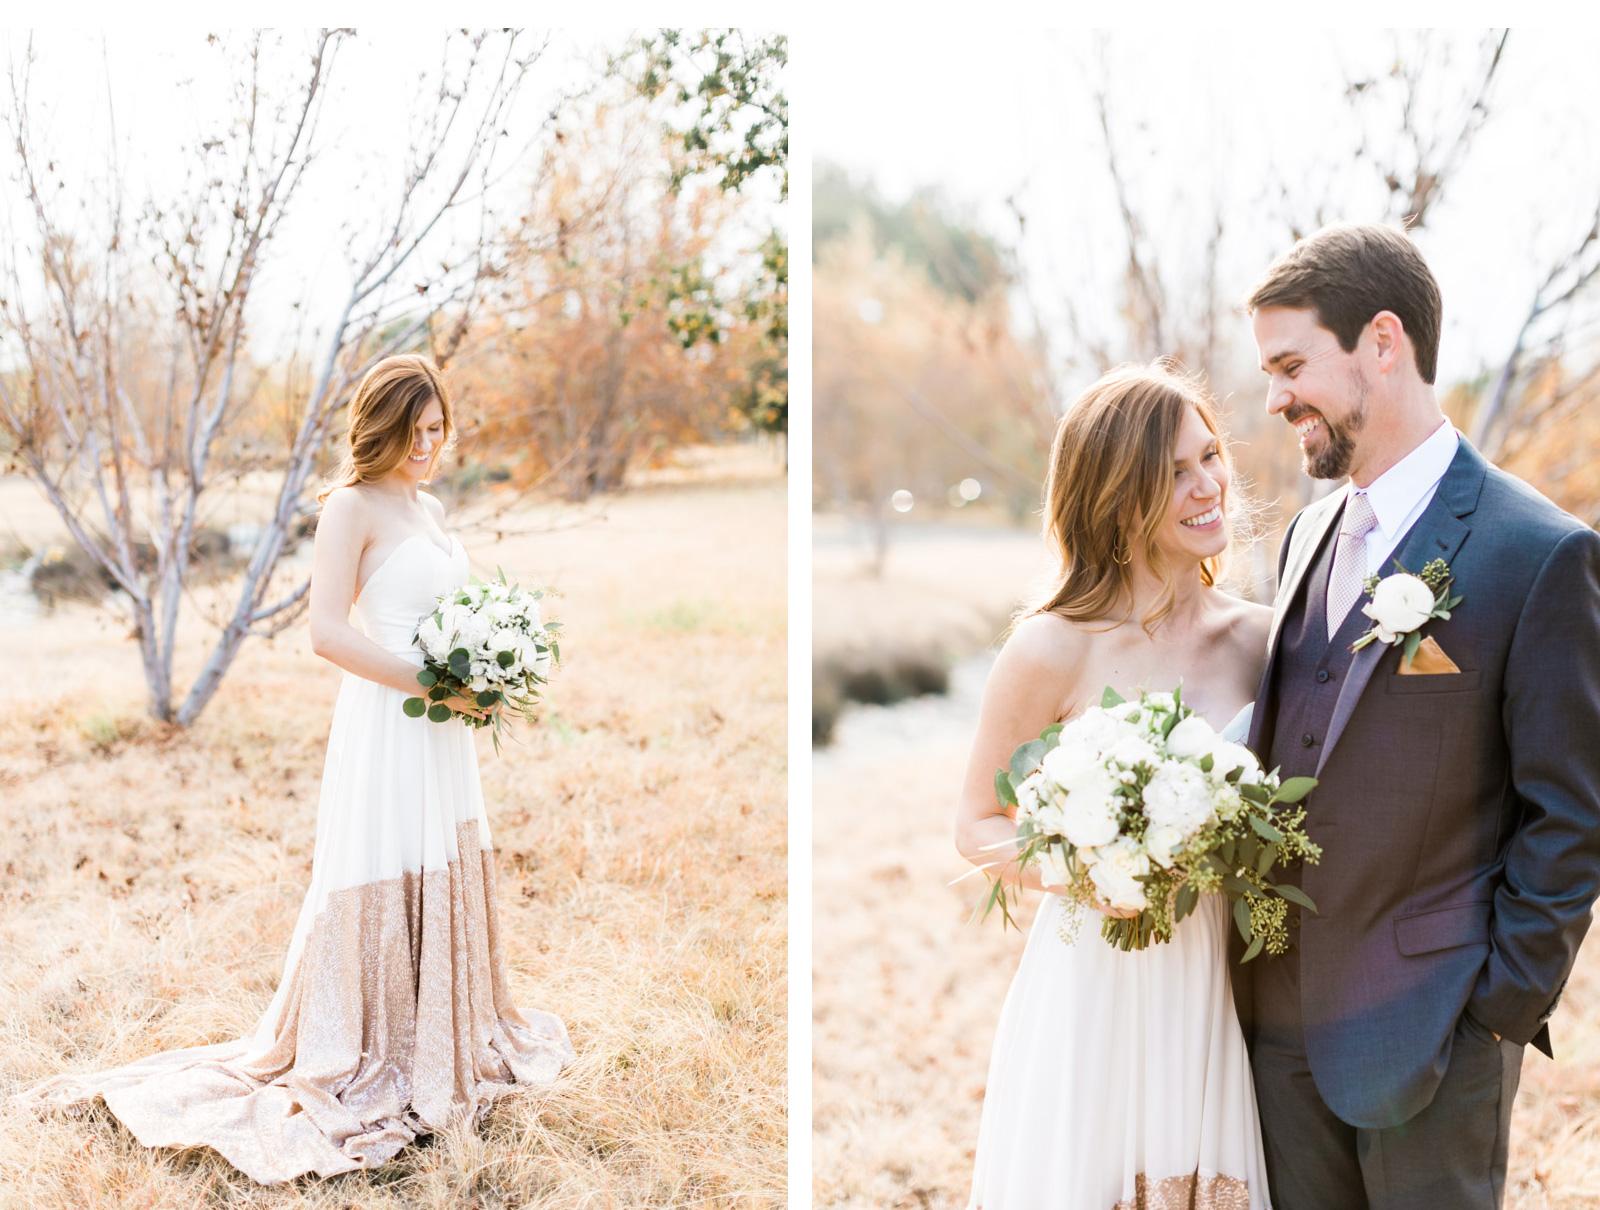 Natalie_Schutt_Wedding_Photography_Fall_Inspiration_01.jpg